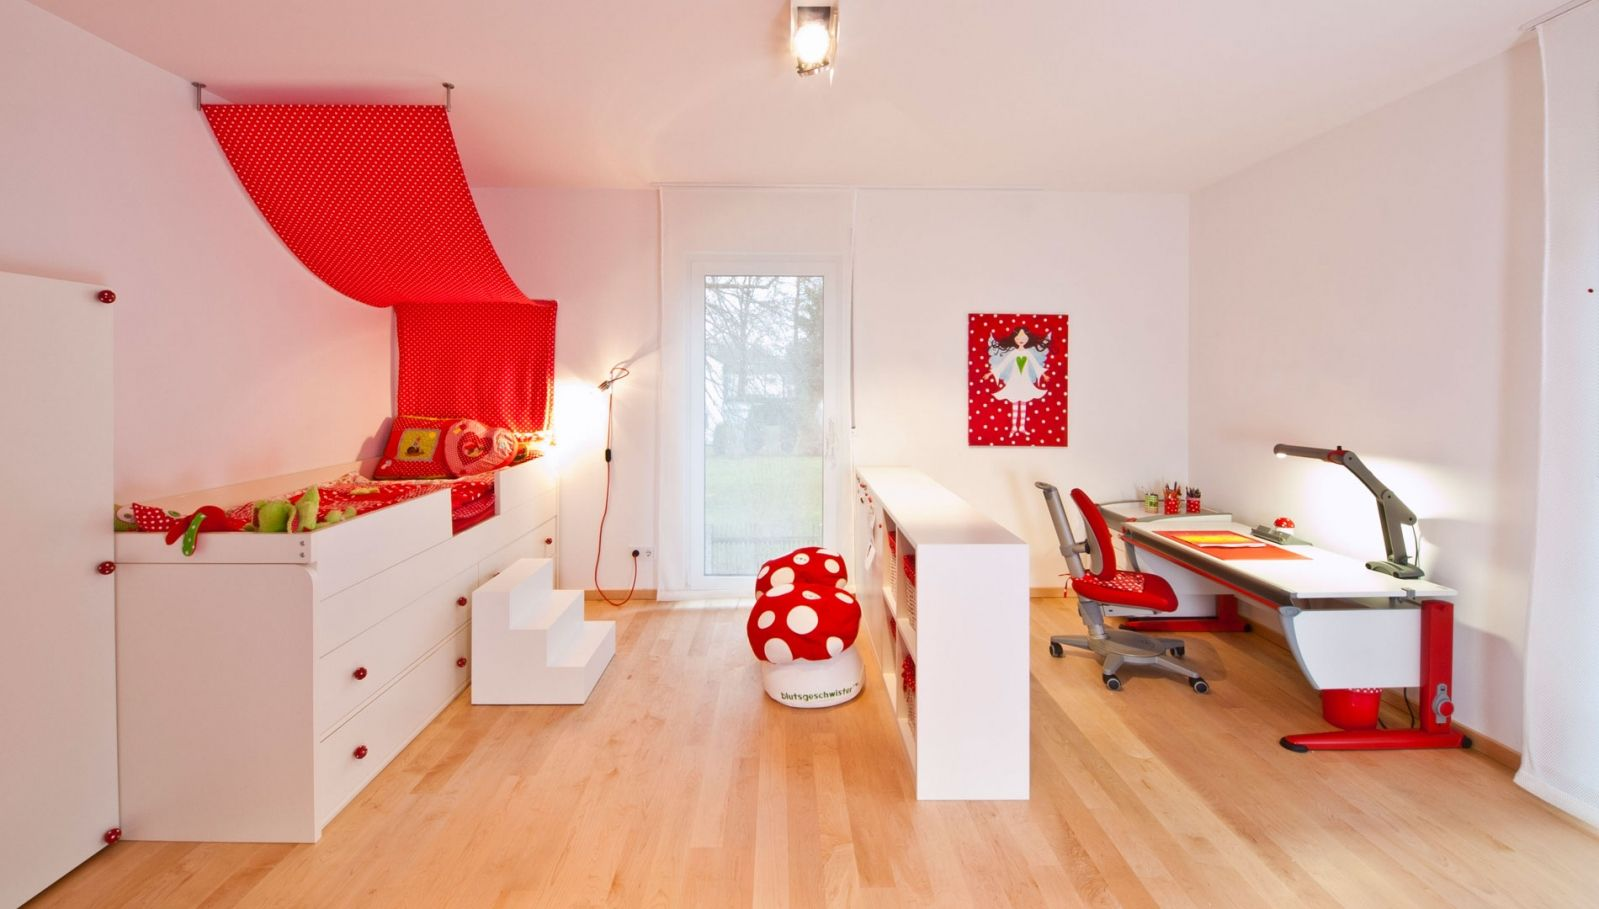 Kinderzimmer fliegenpilz ~ Kinderzimmer fliegenpilz ideen fürs kinderzimmer und